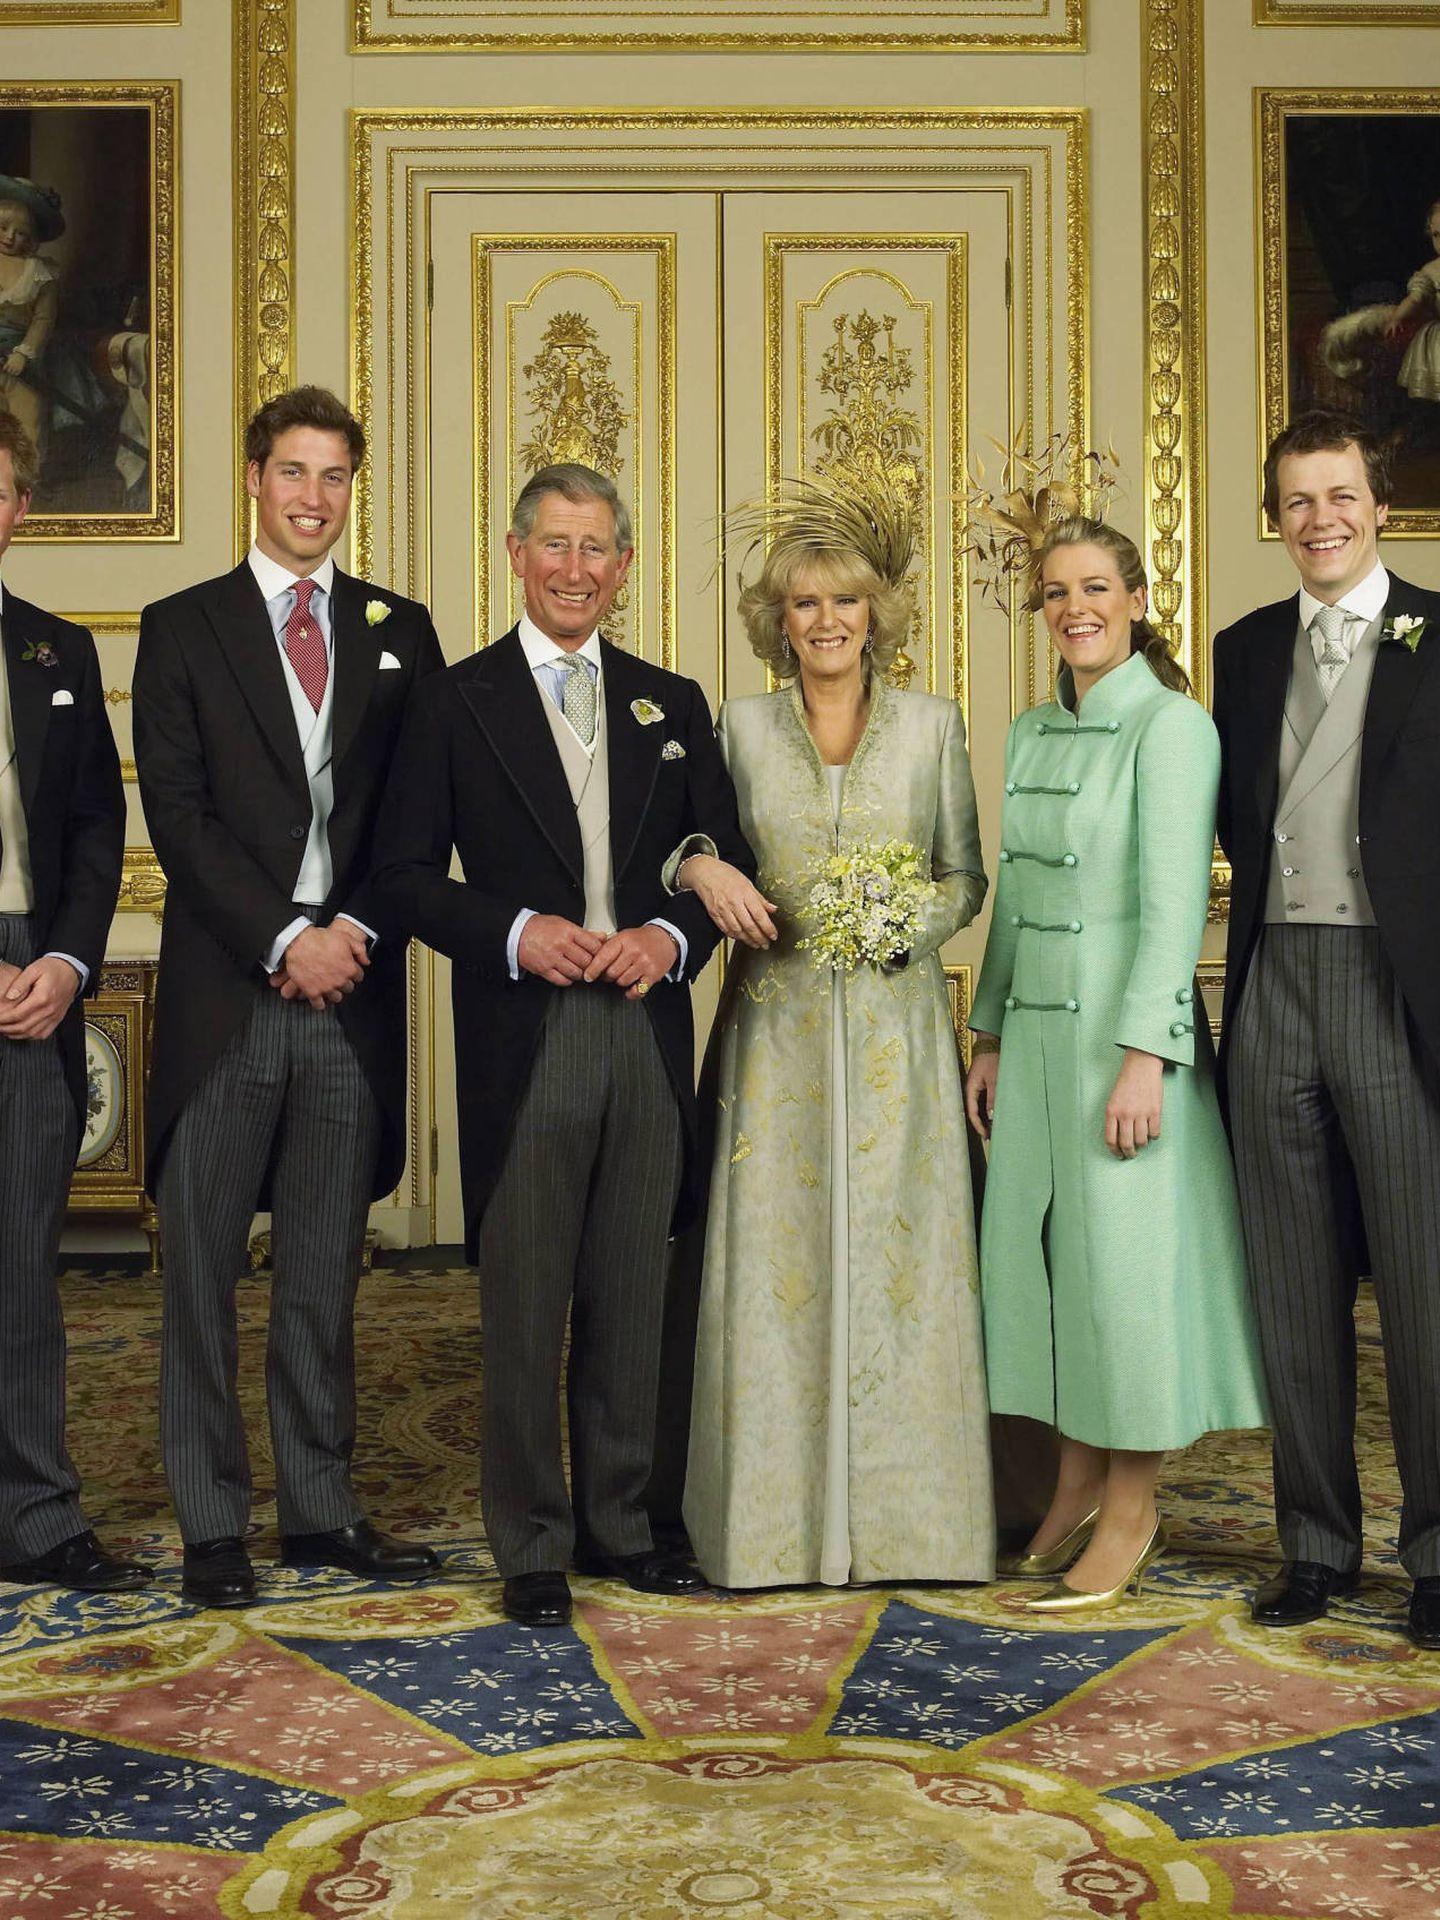 El príncipe Carlos, Camilla y los hijos de ambos, el día de su boda. (Clarence House)